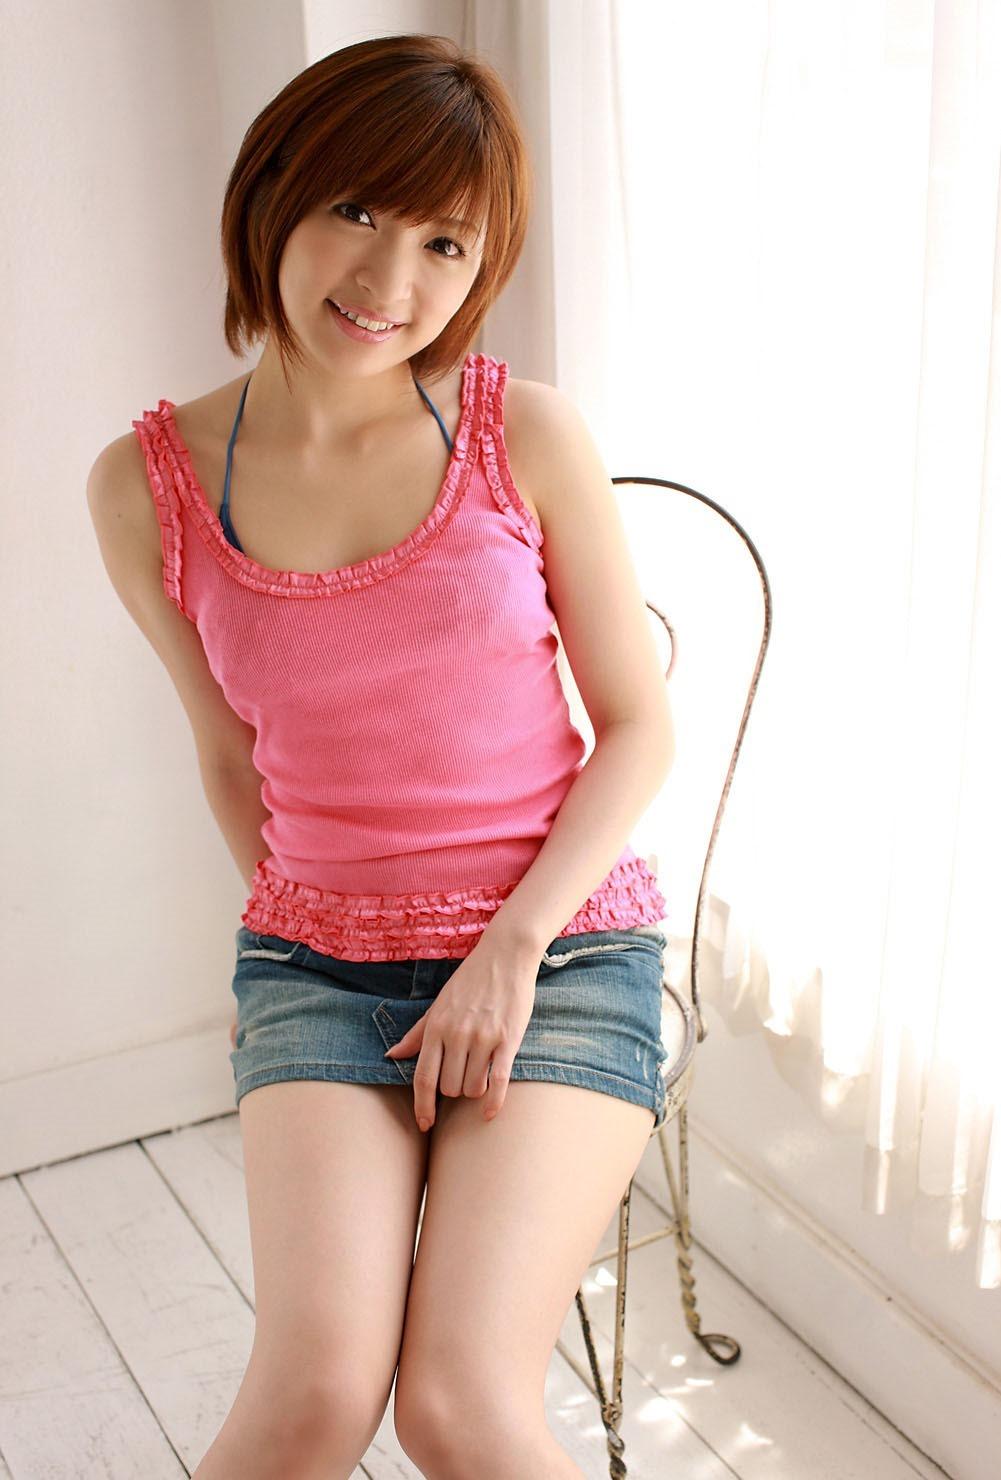 田中涼子 画像 18